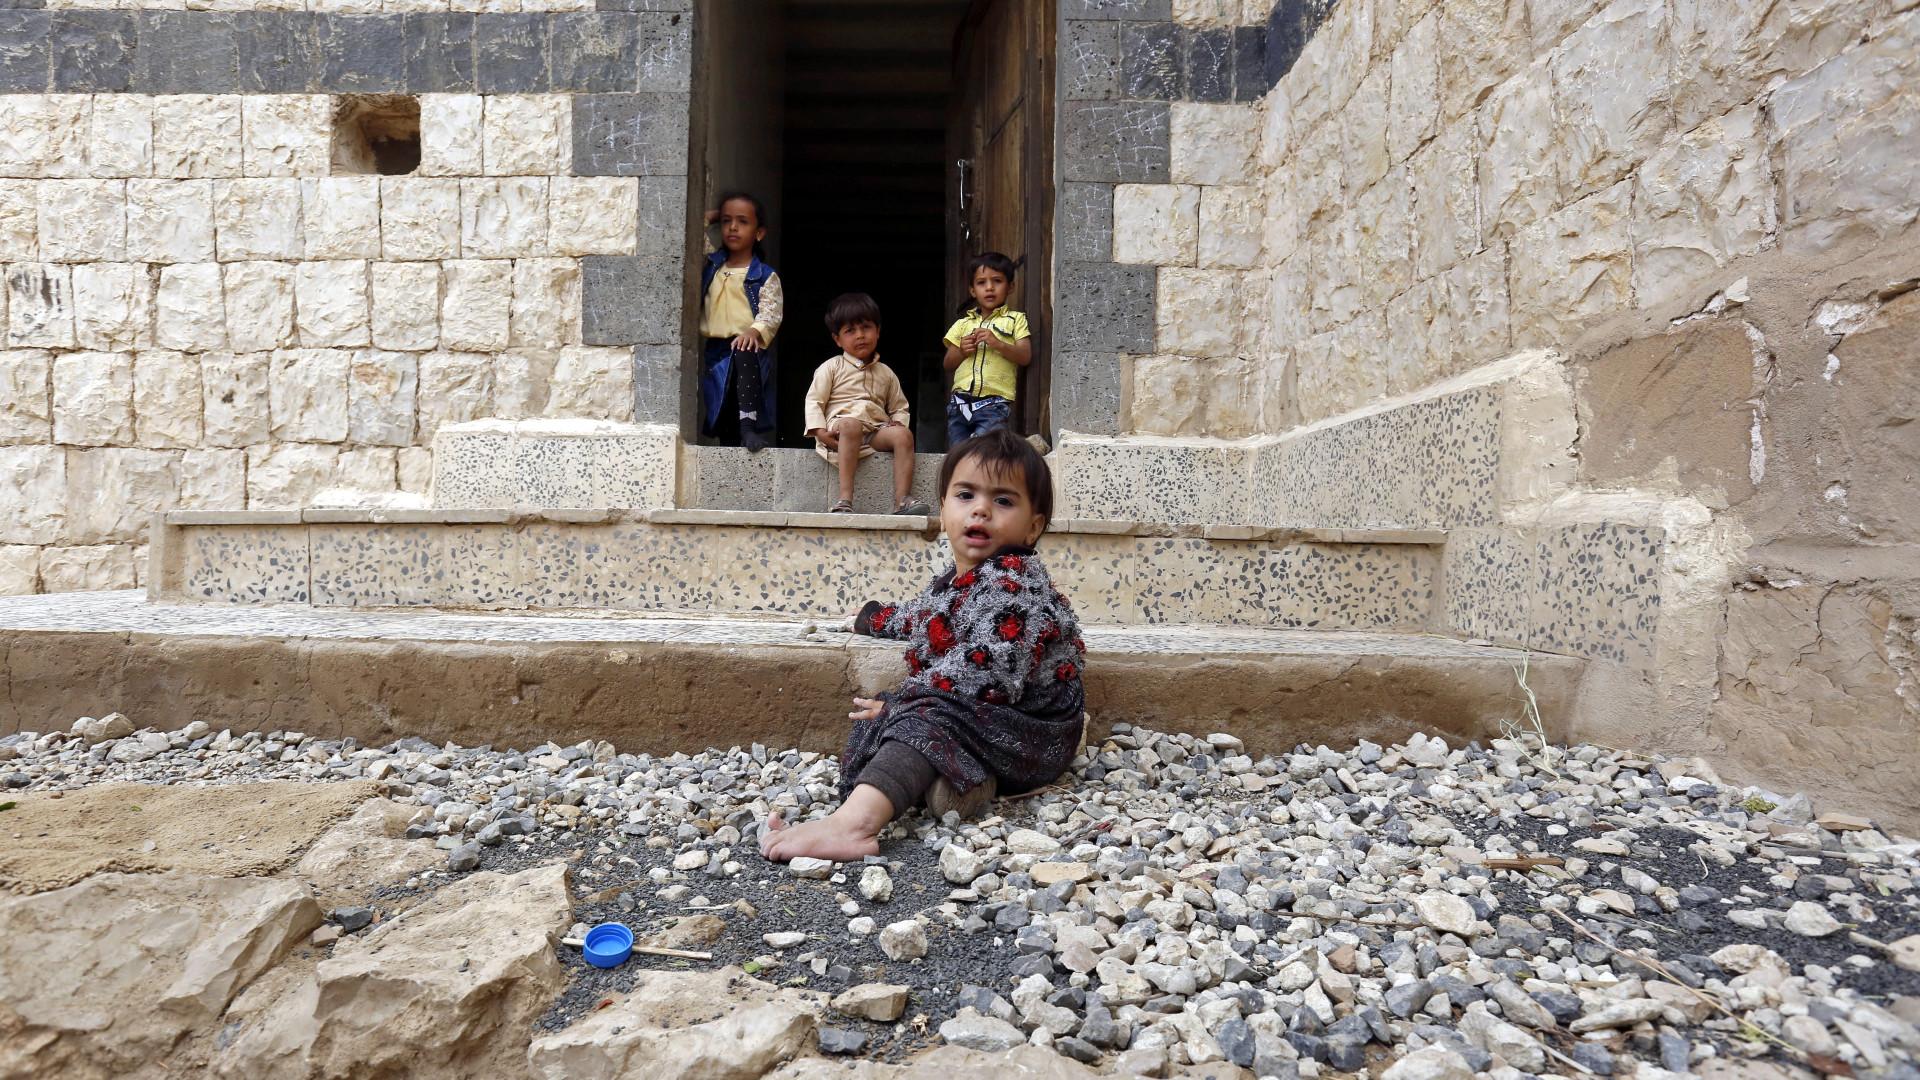 Conflito no Iémen coloca 75% da população a precisar de ajuda alimentar